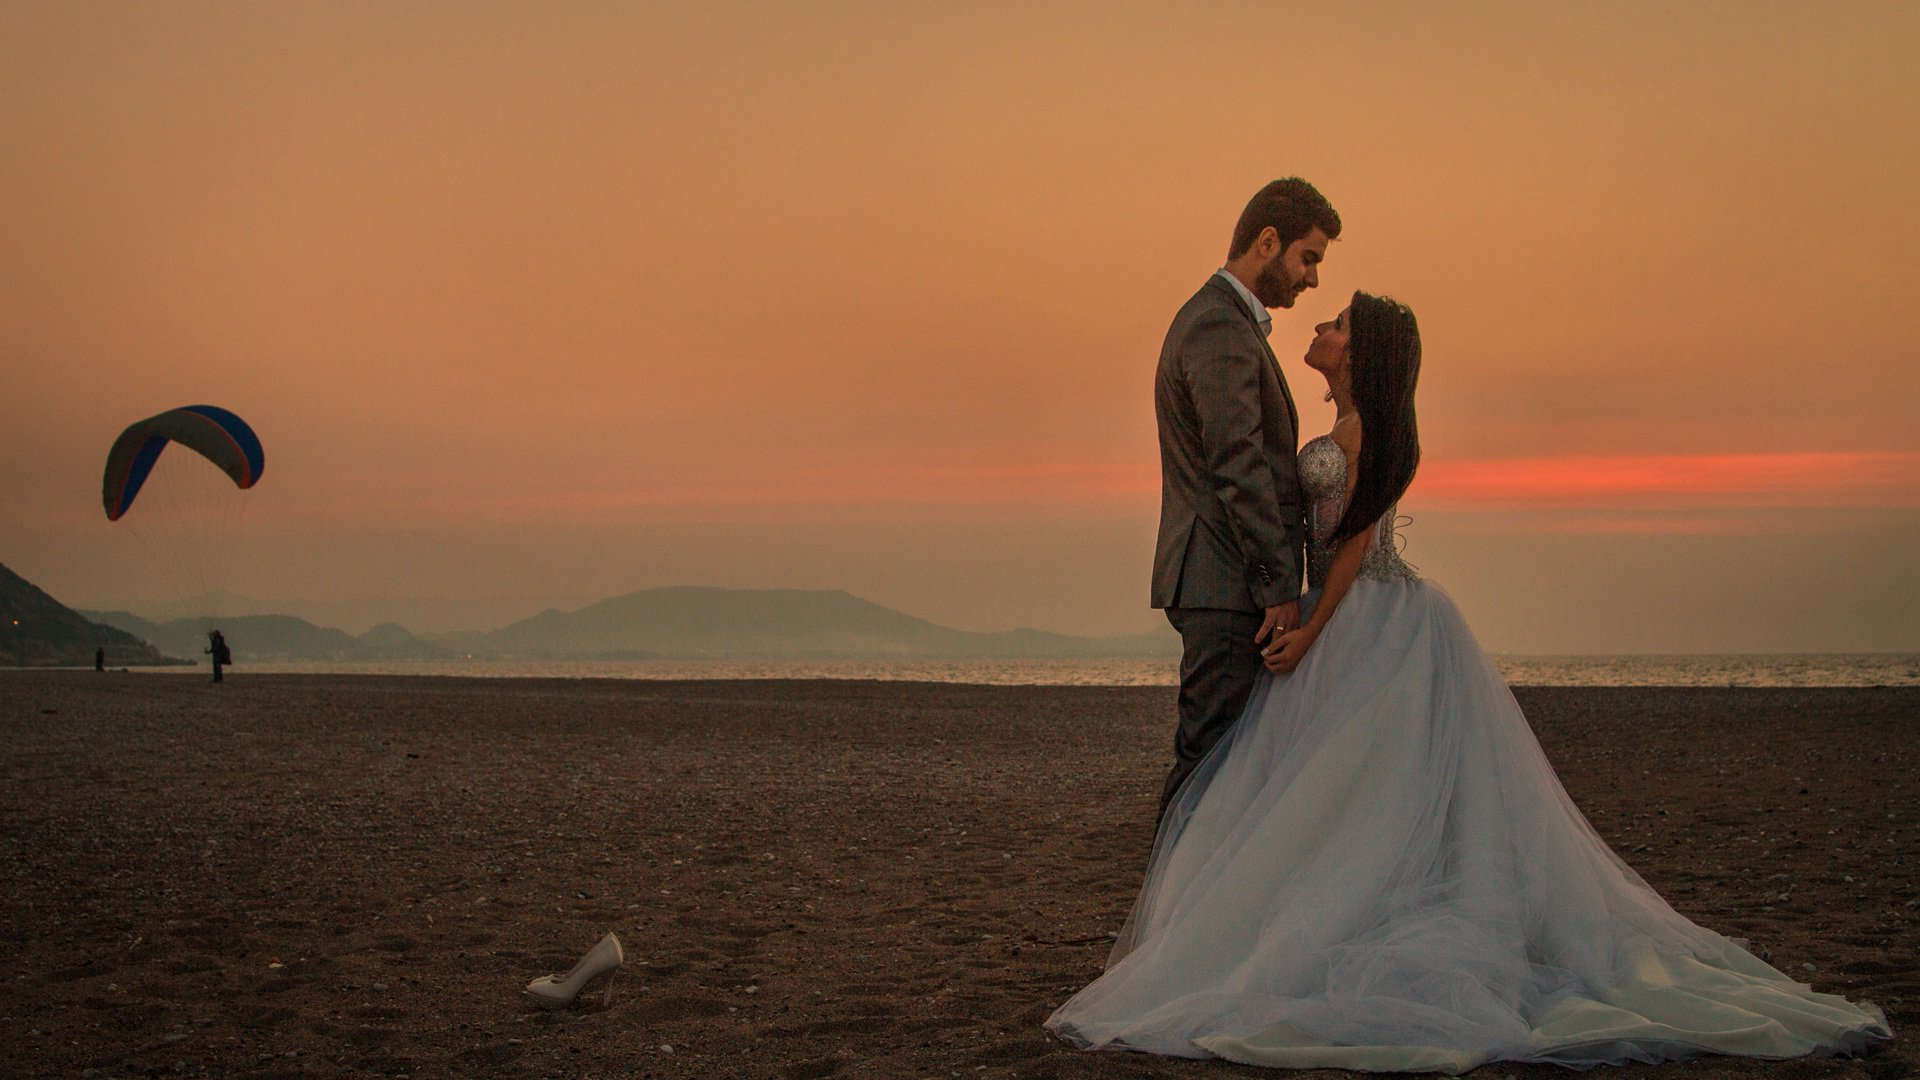 بالصور كلمات حب للزوجة , حب الزوجه وكيفية معاملتها 3660 2